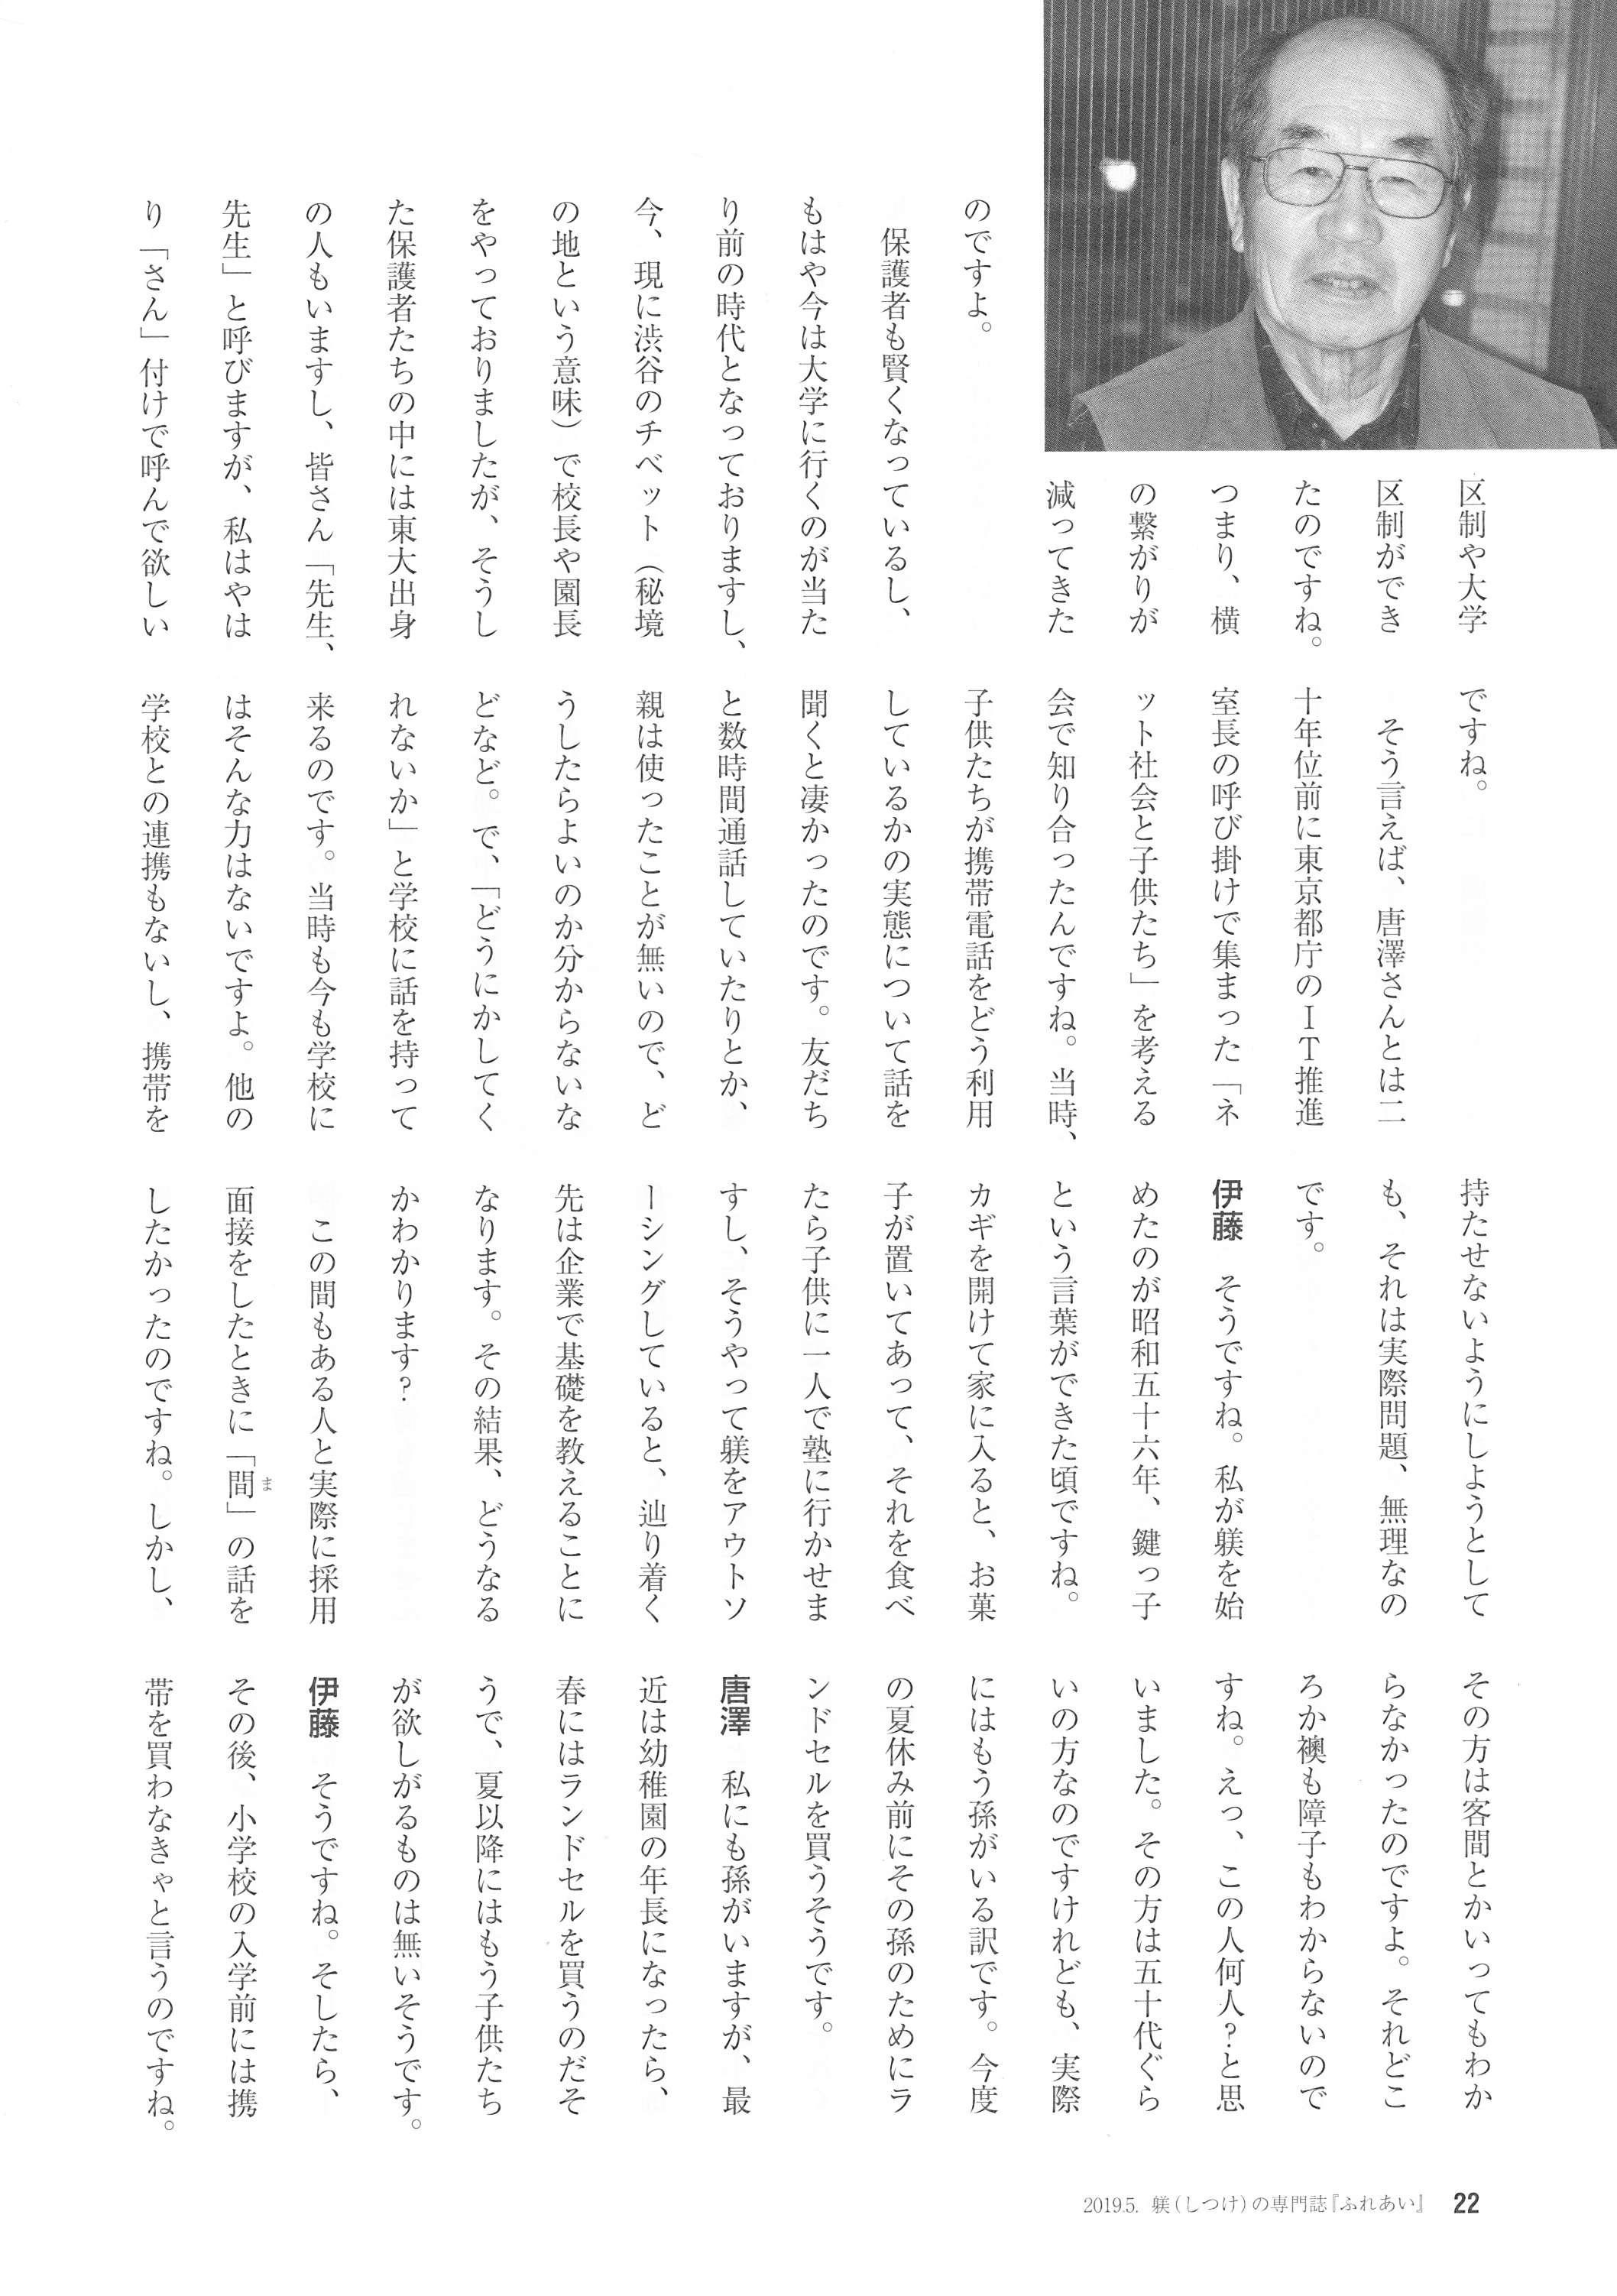 1905ふれあい385-P3